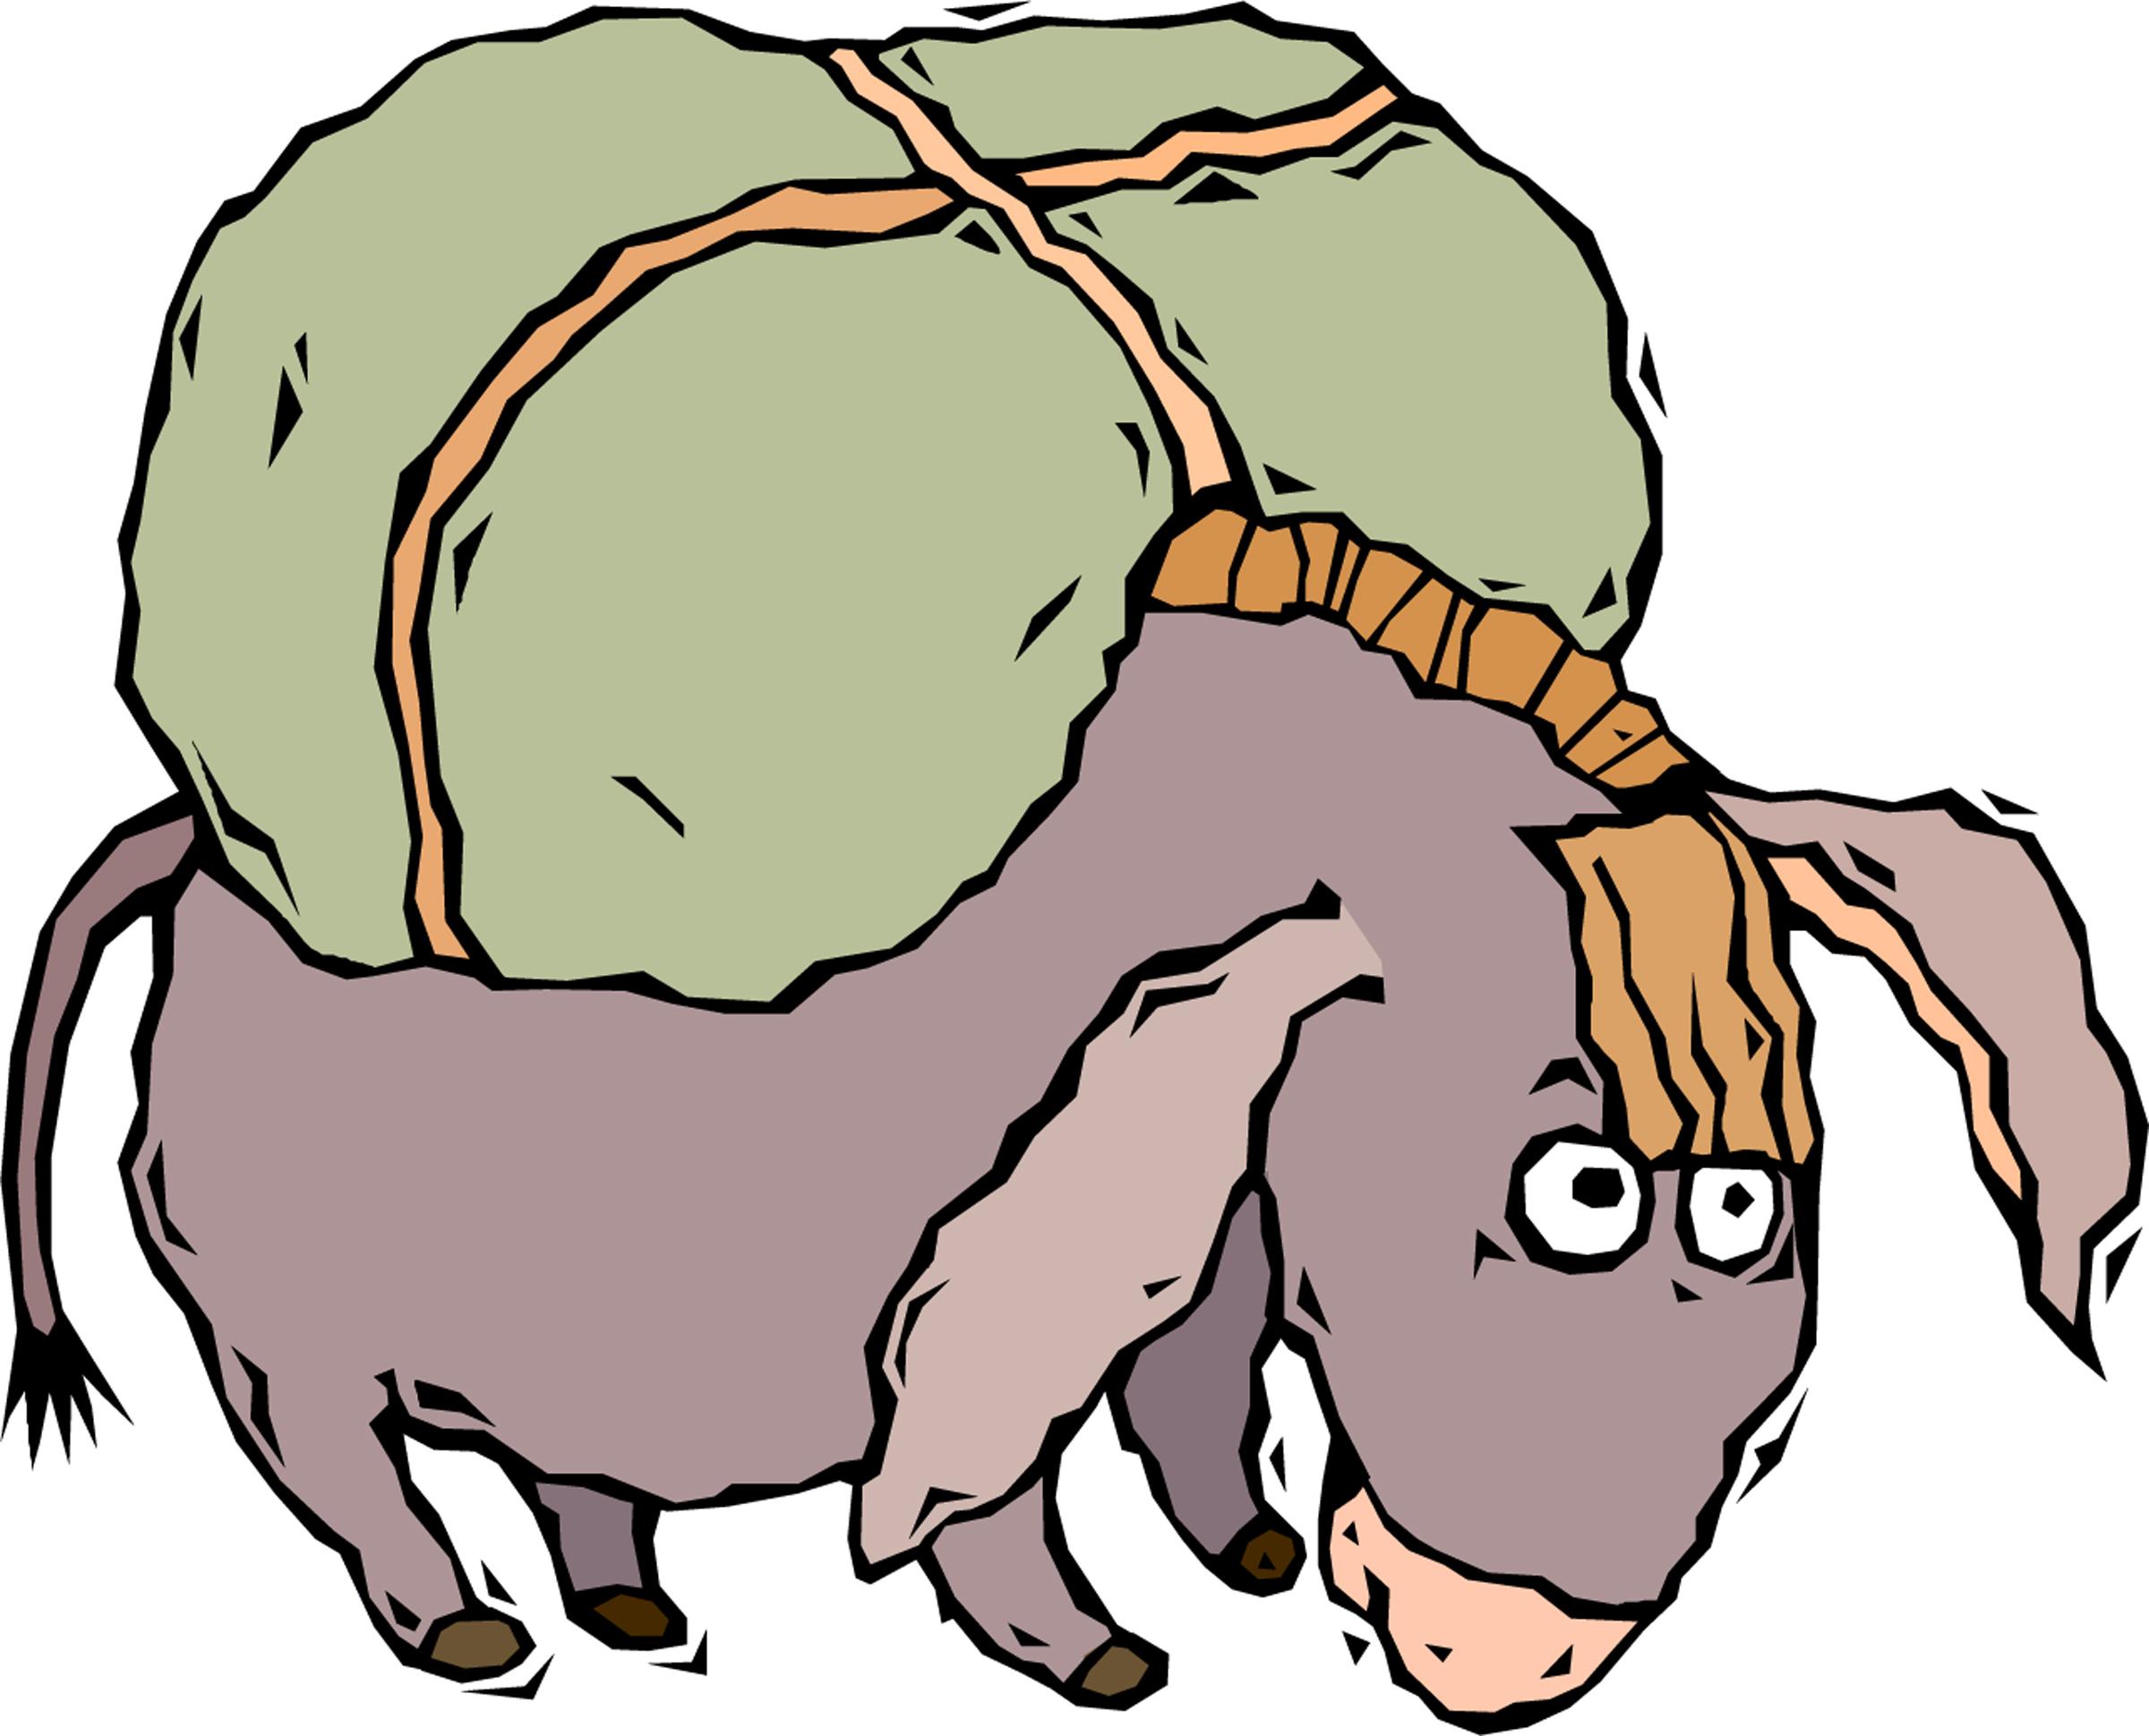 Beast clipart burden Burden~ know Feel Feel Burden~